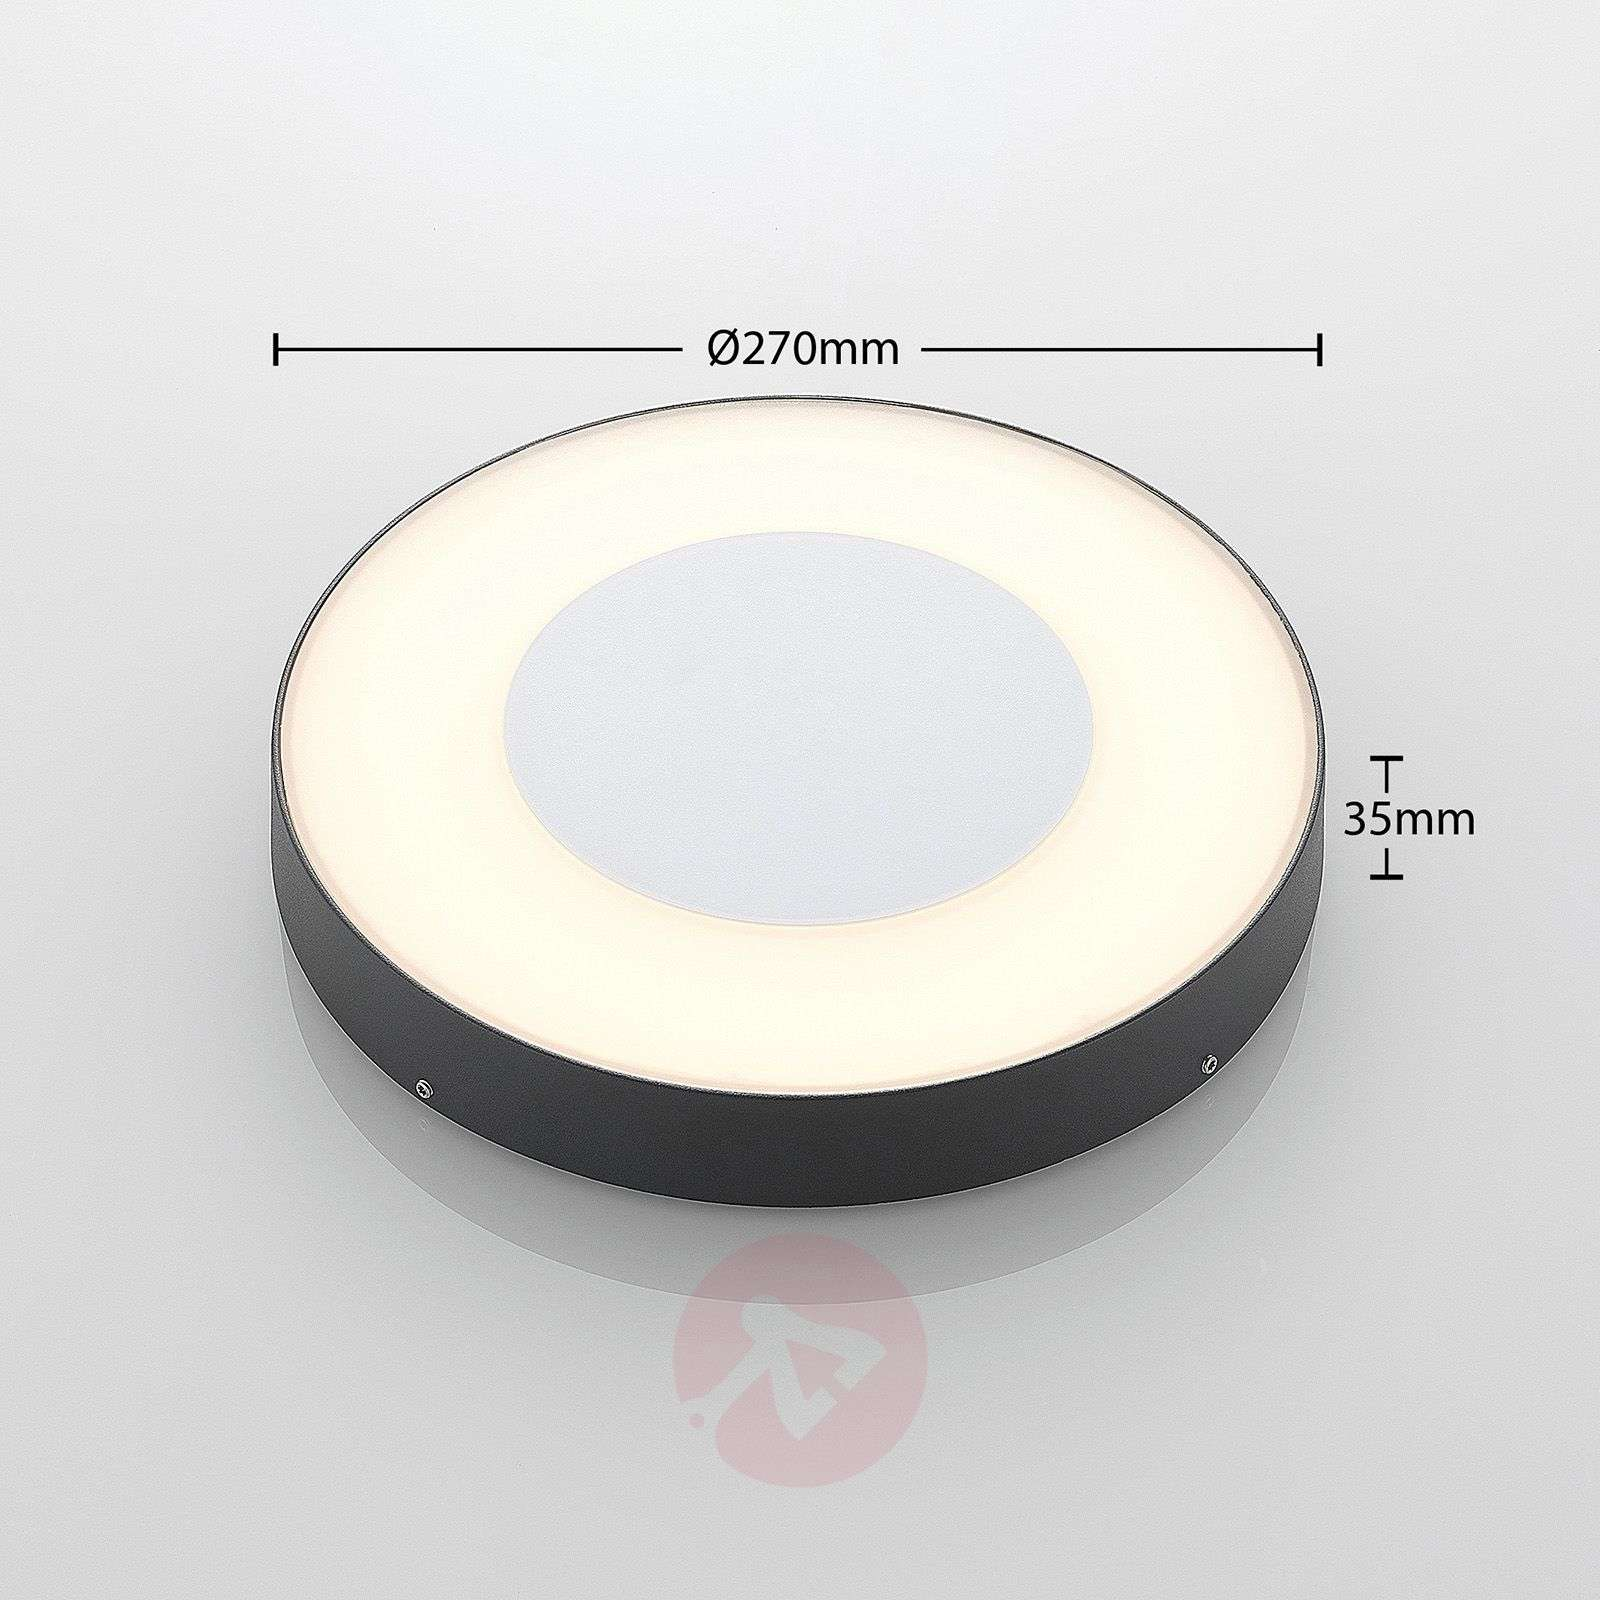 LED-ulkokattovalaisin Sora, pyöreä, sensori-9969107-02